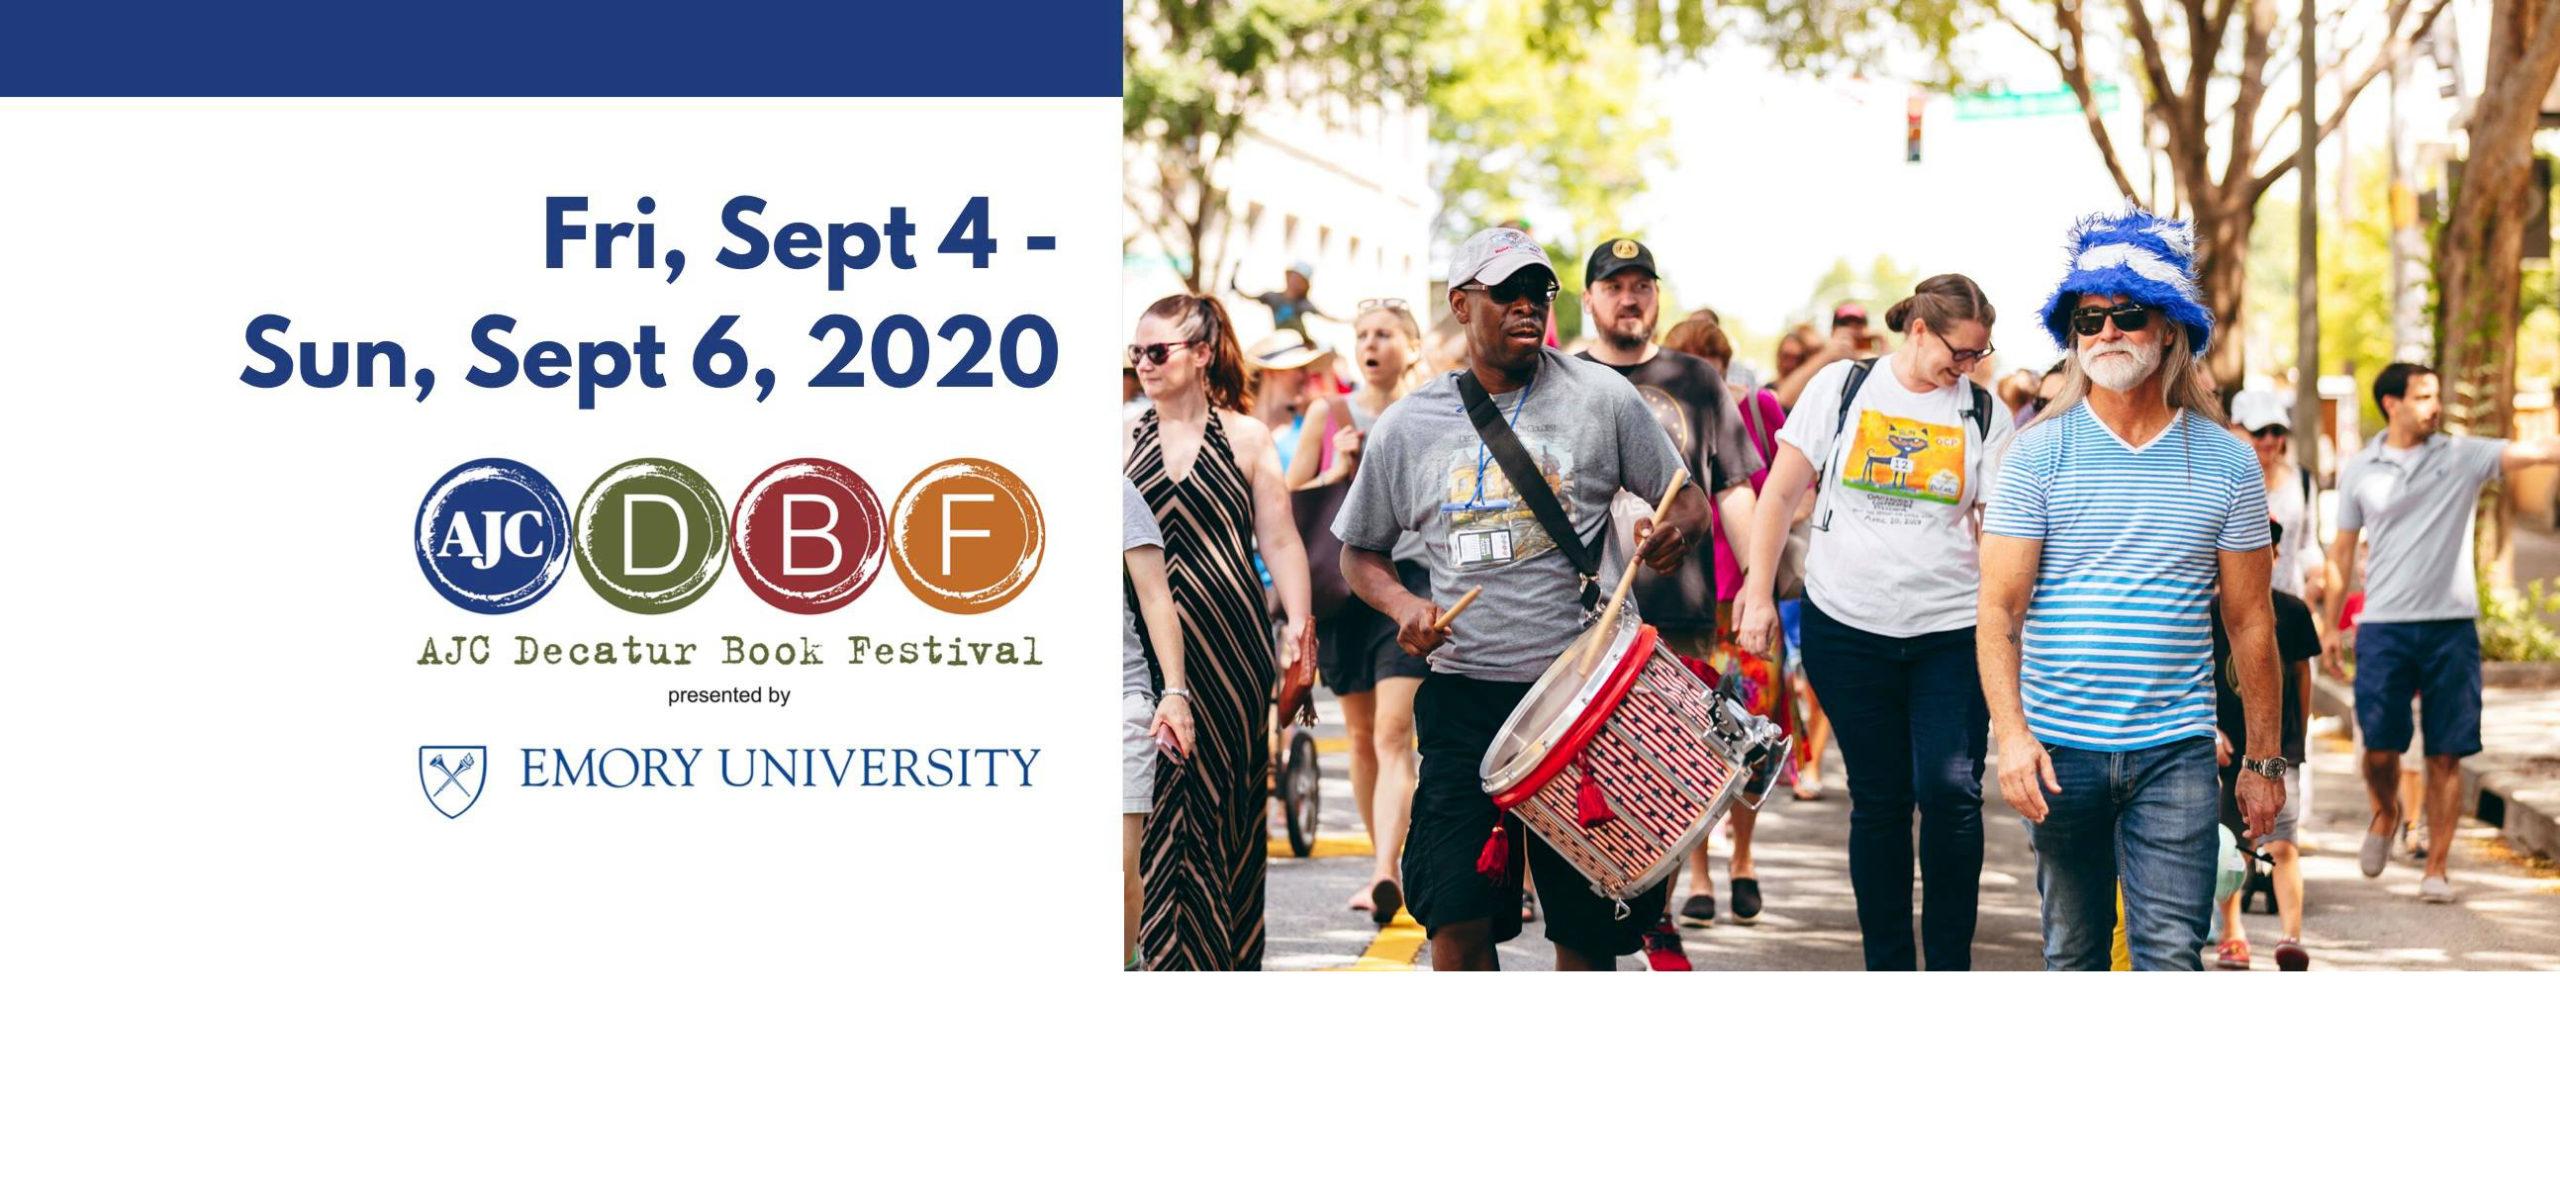 AJC Decatur Book 2020 Festival